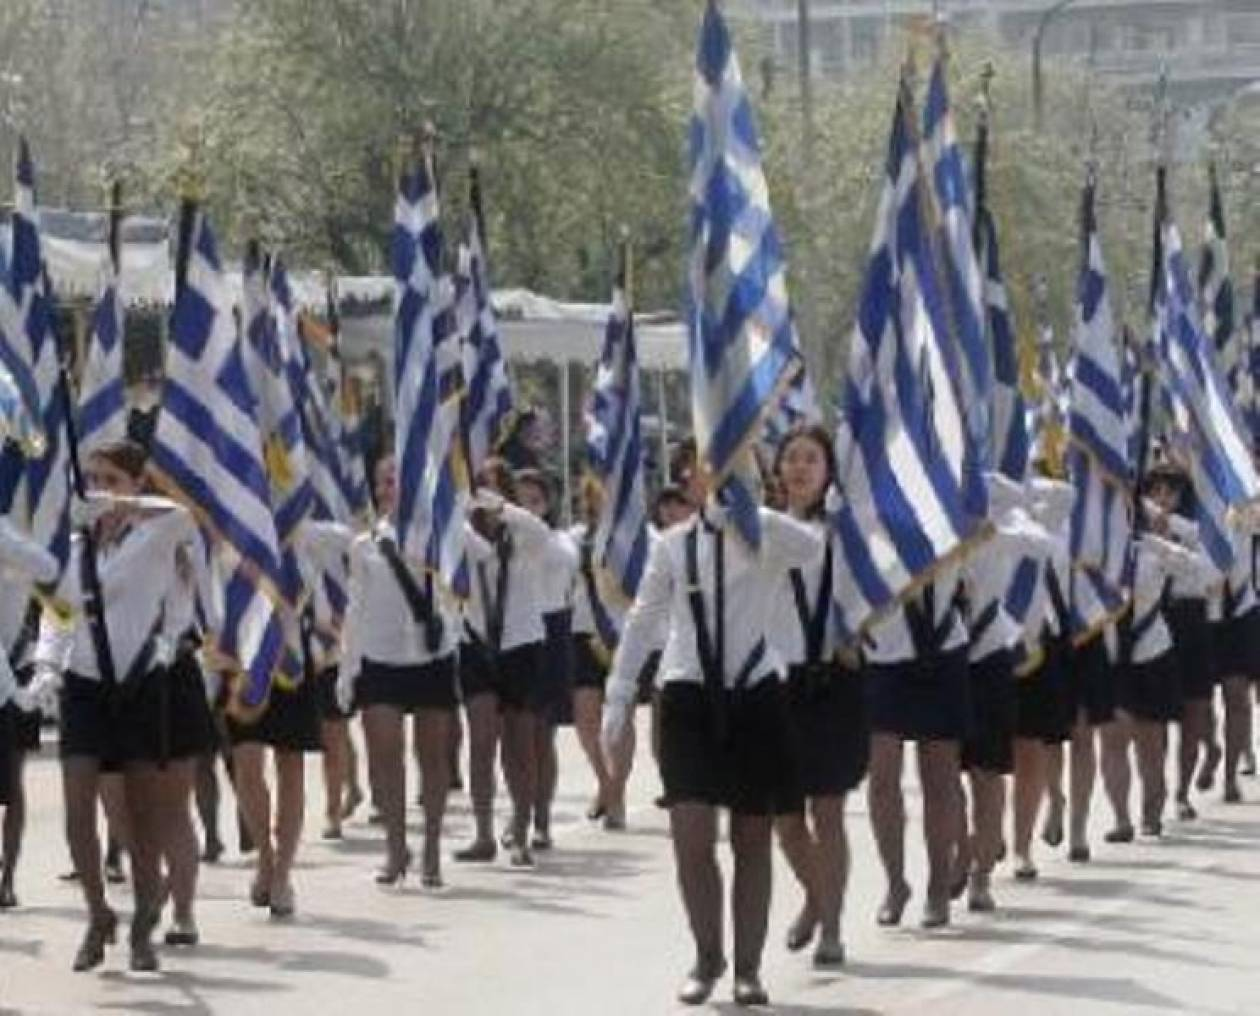 Σε εξέλιξη η μαθητική παρέλαση στη Θεσσαλονίκη (Βίντεο)